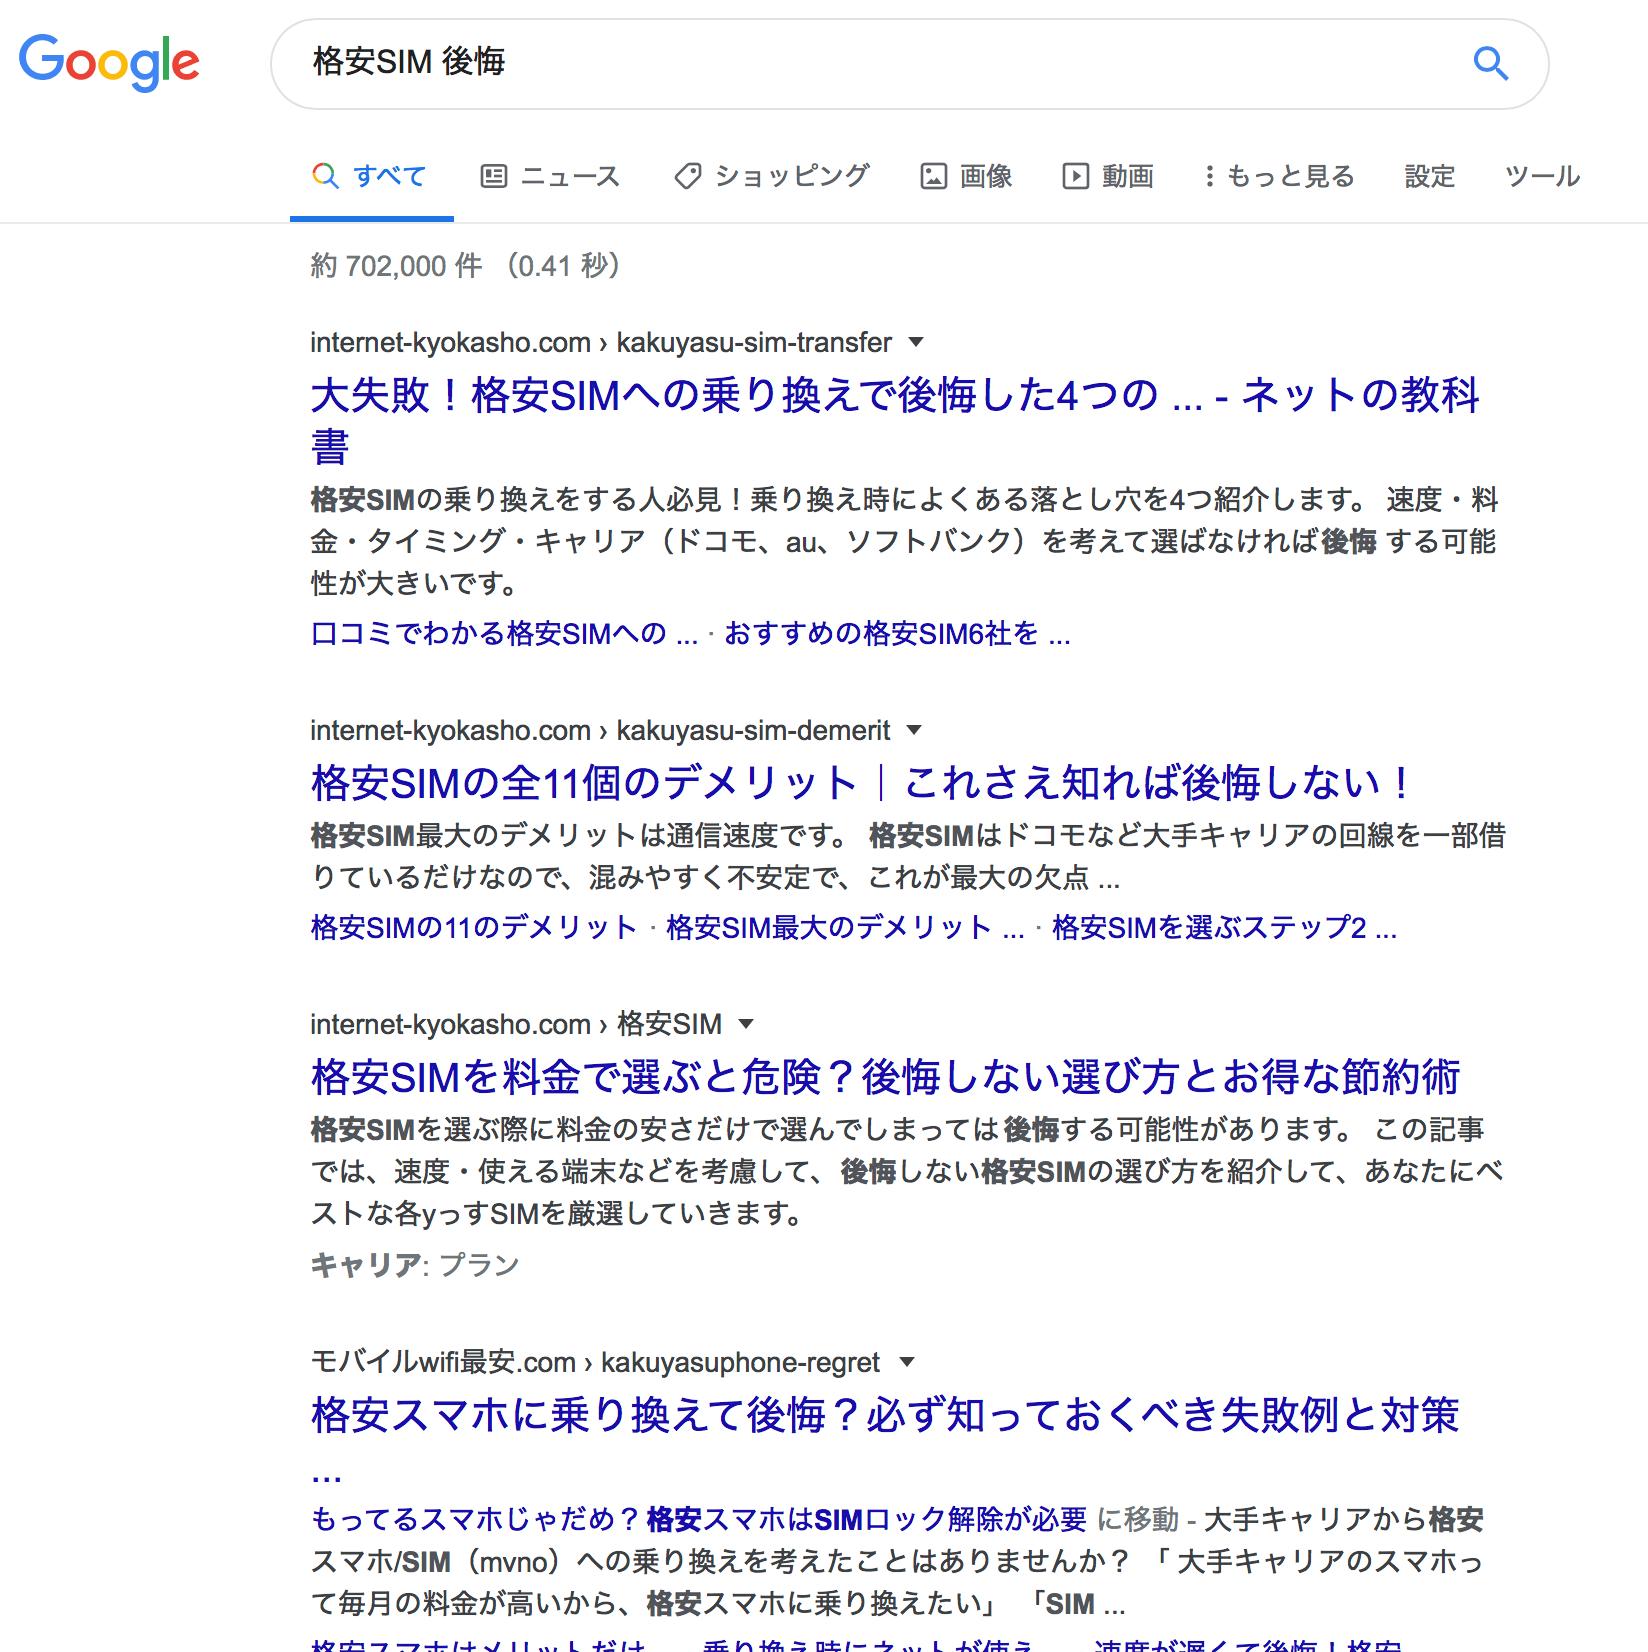 選定したキーワードの検索意図を明確にする_1